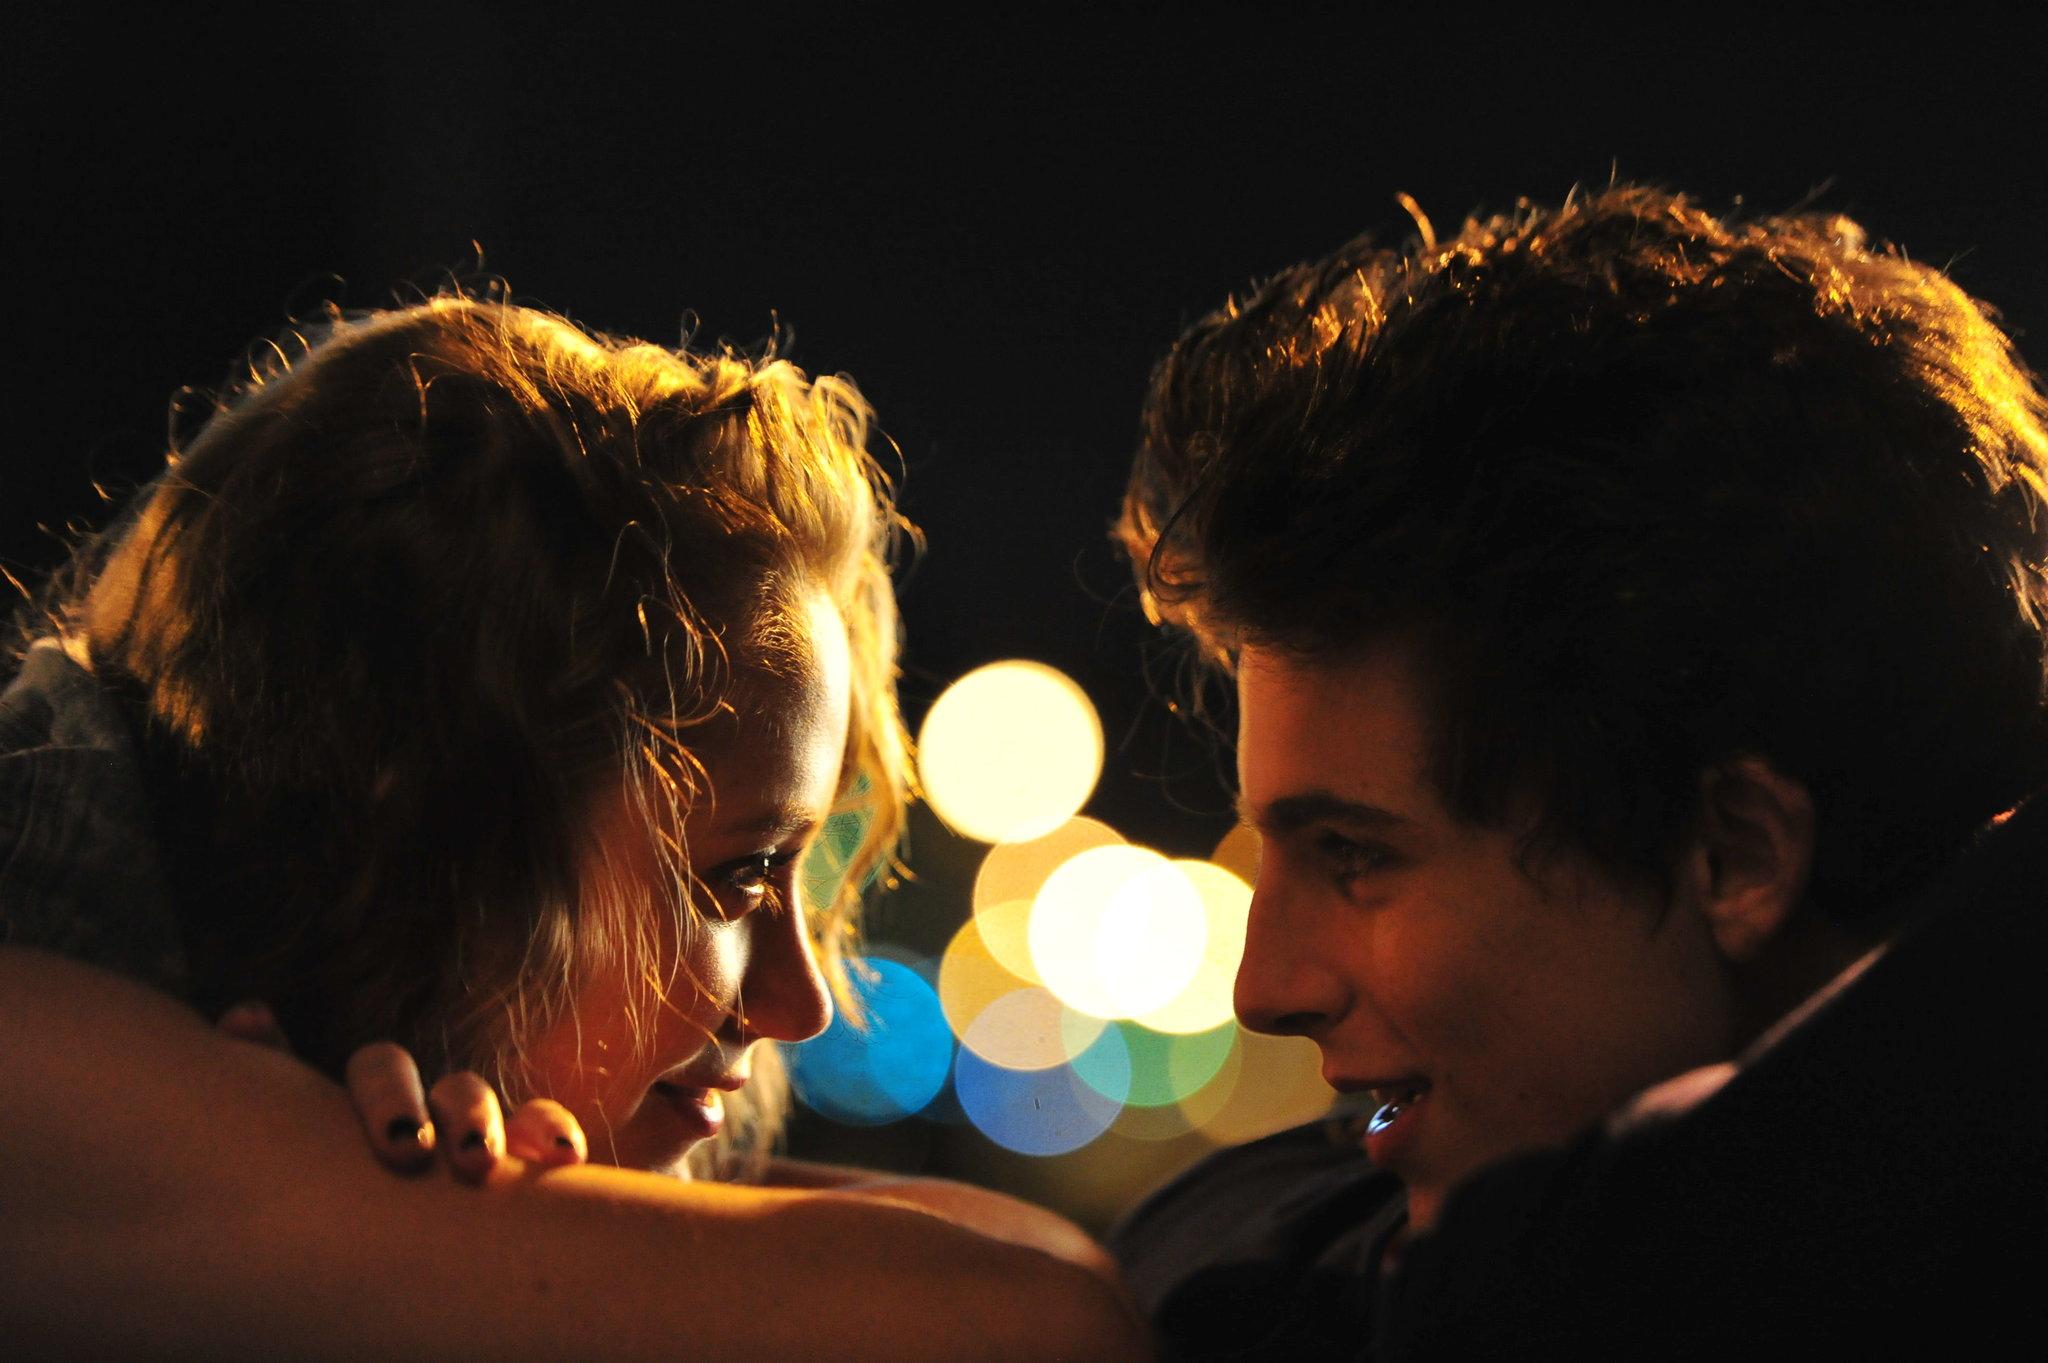 phim tình cảm những đêm hè nhớ đời